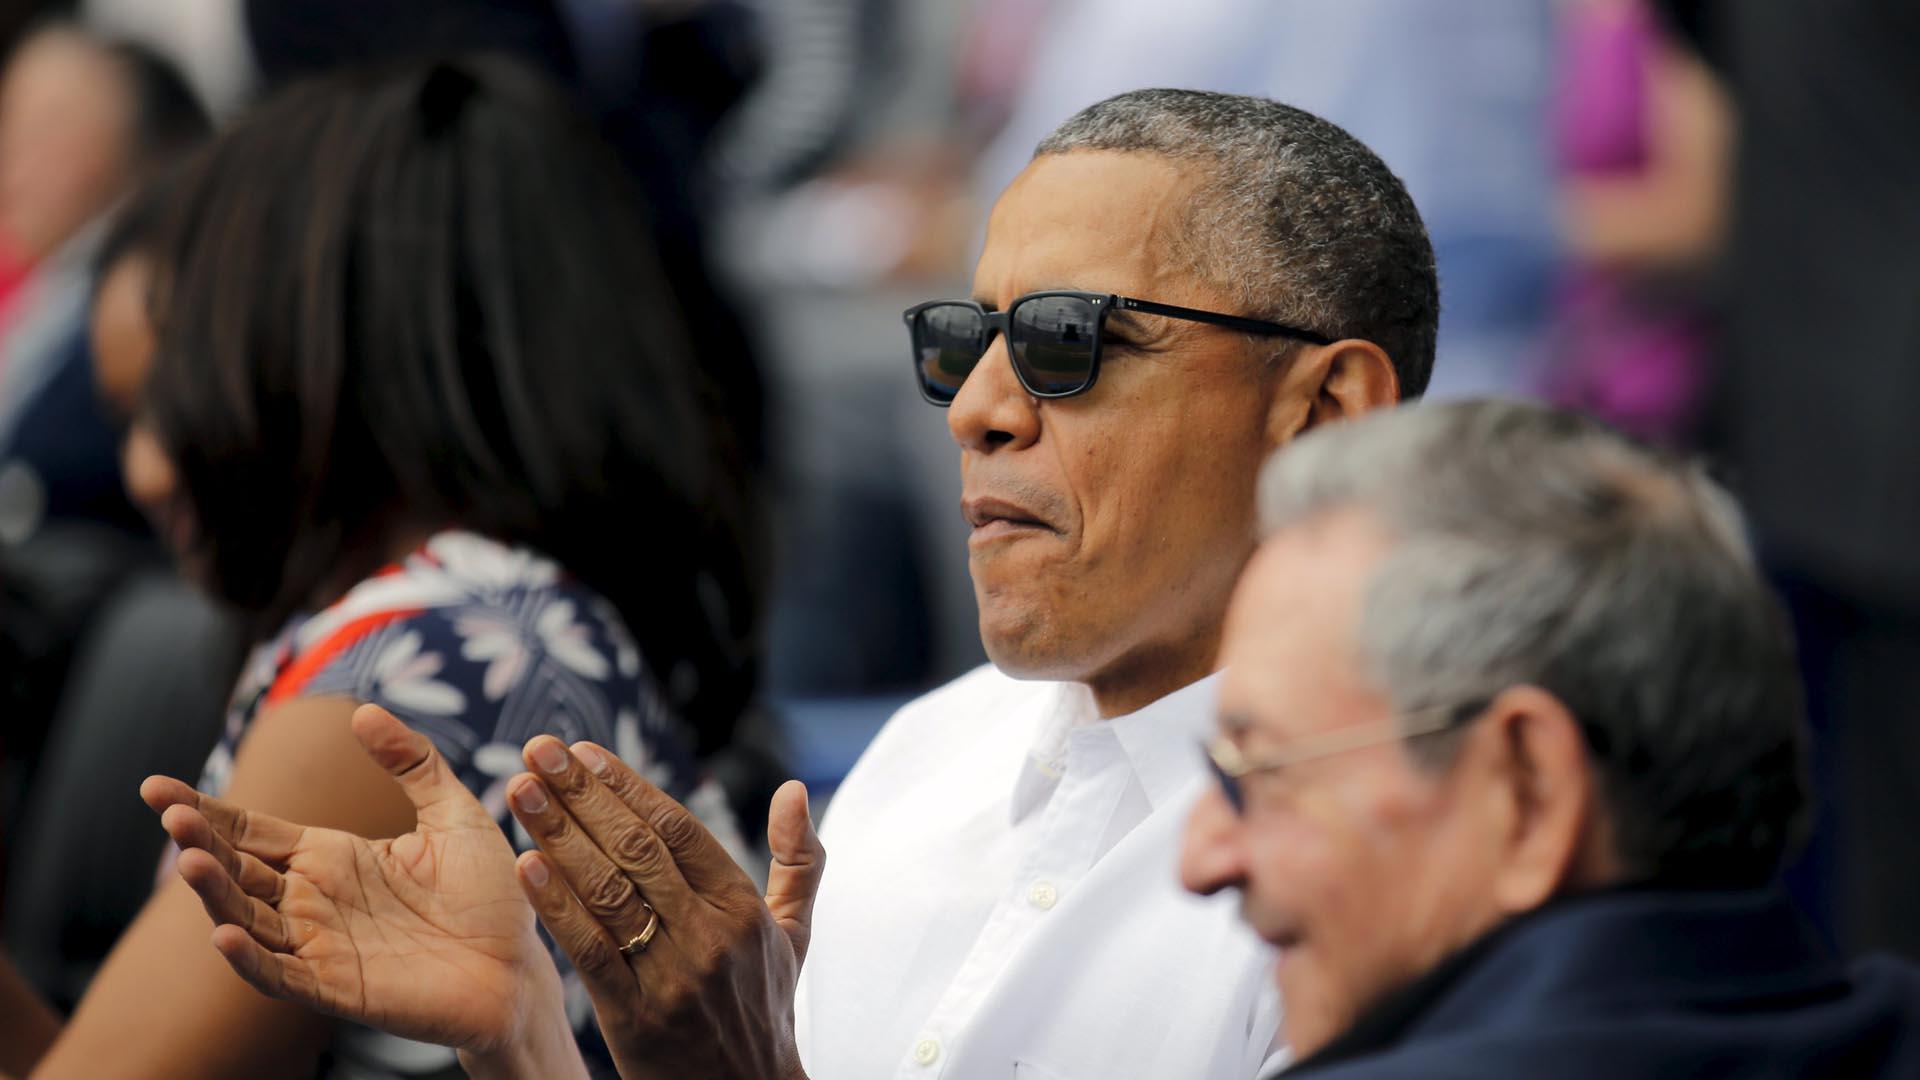 Tras la histórica visita del presidente Barack Obama a La Habana, el Gobierno cubano espera aumentar la inversión